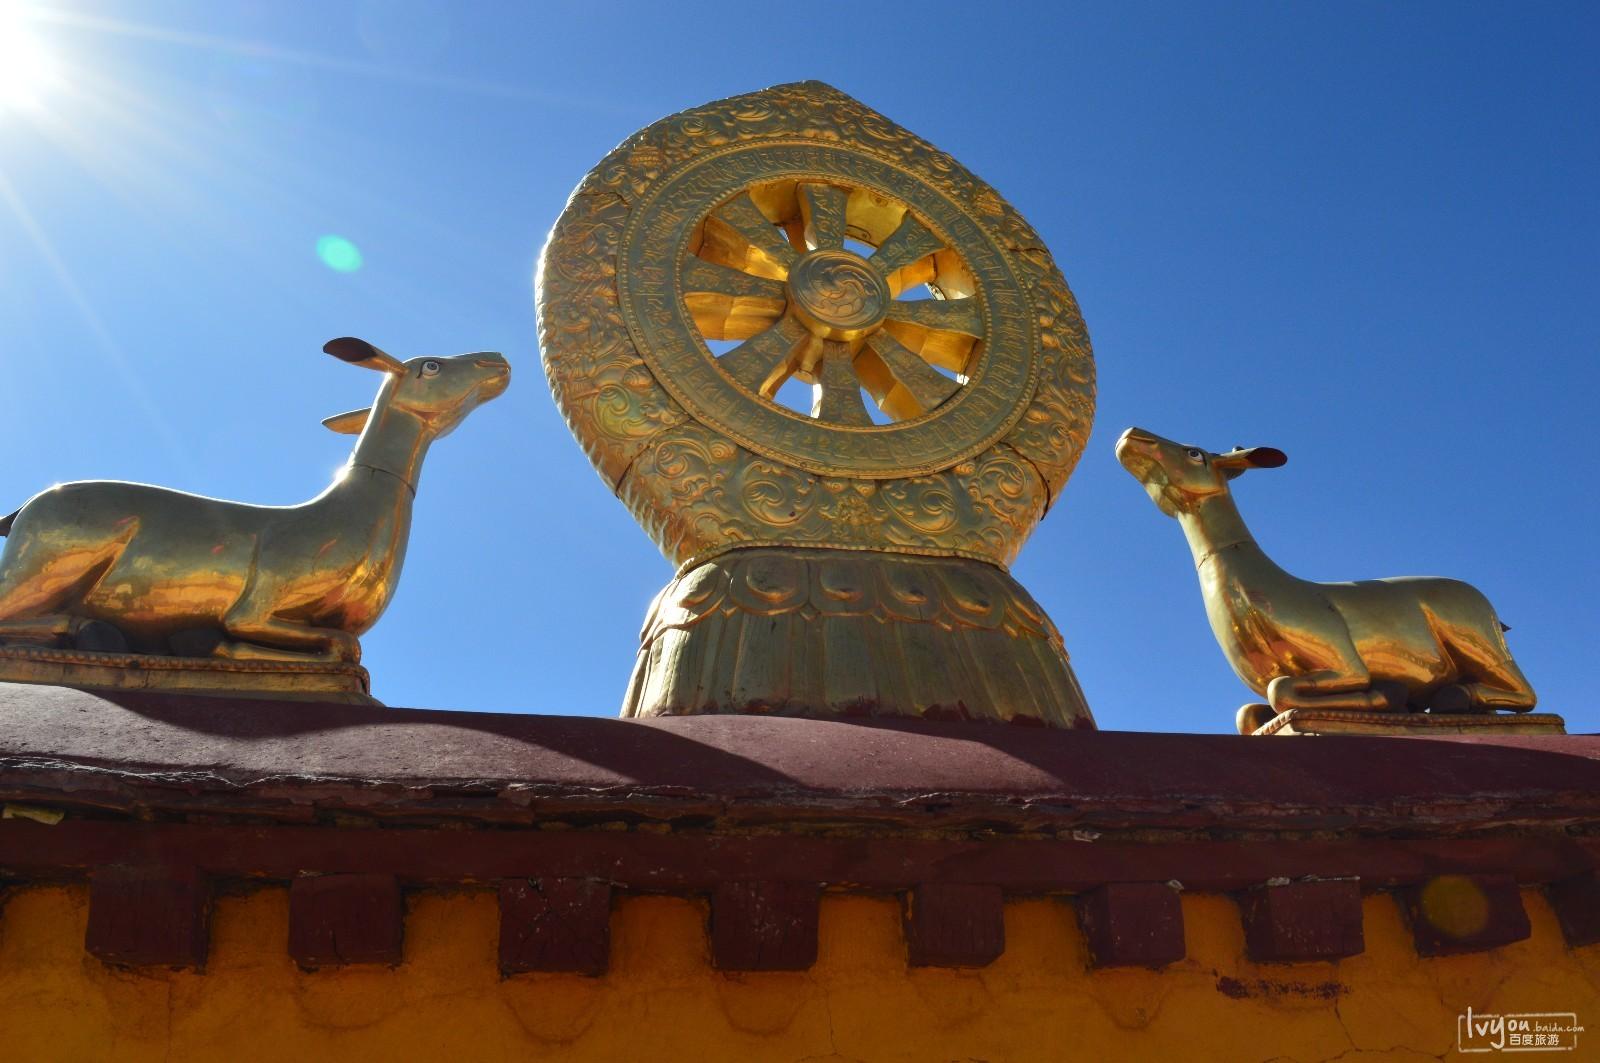 大昭寺的金顶着实精美绝伦,其上面的祥麟法轮,是佛教